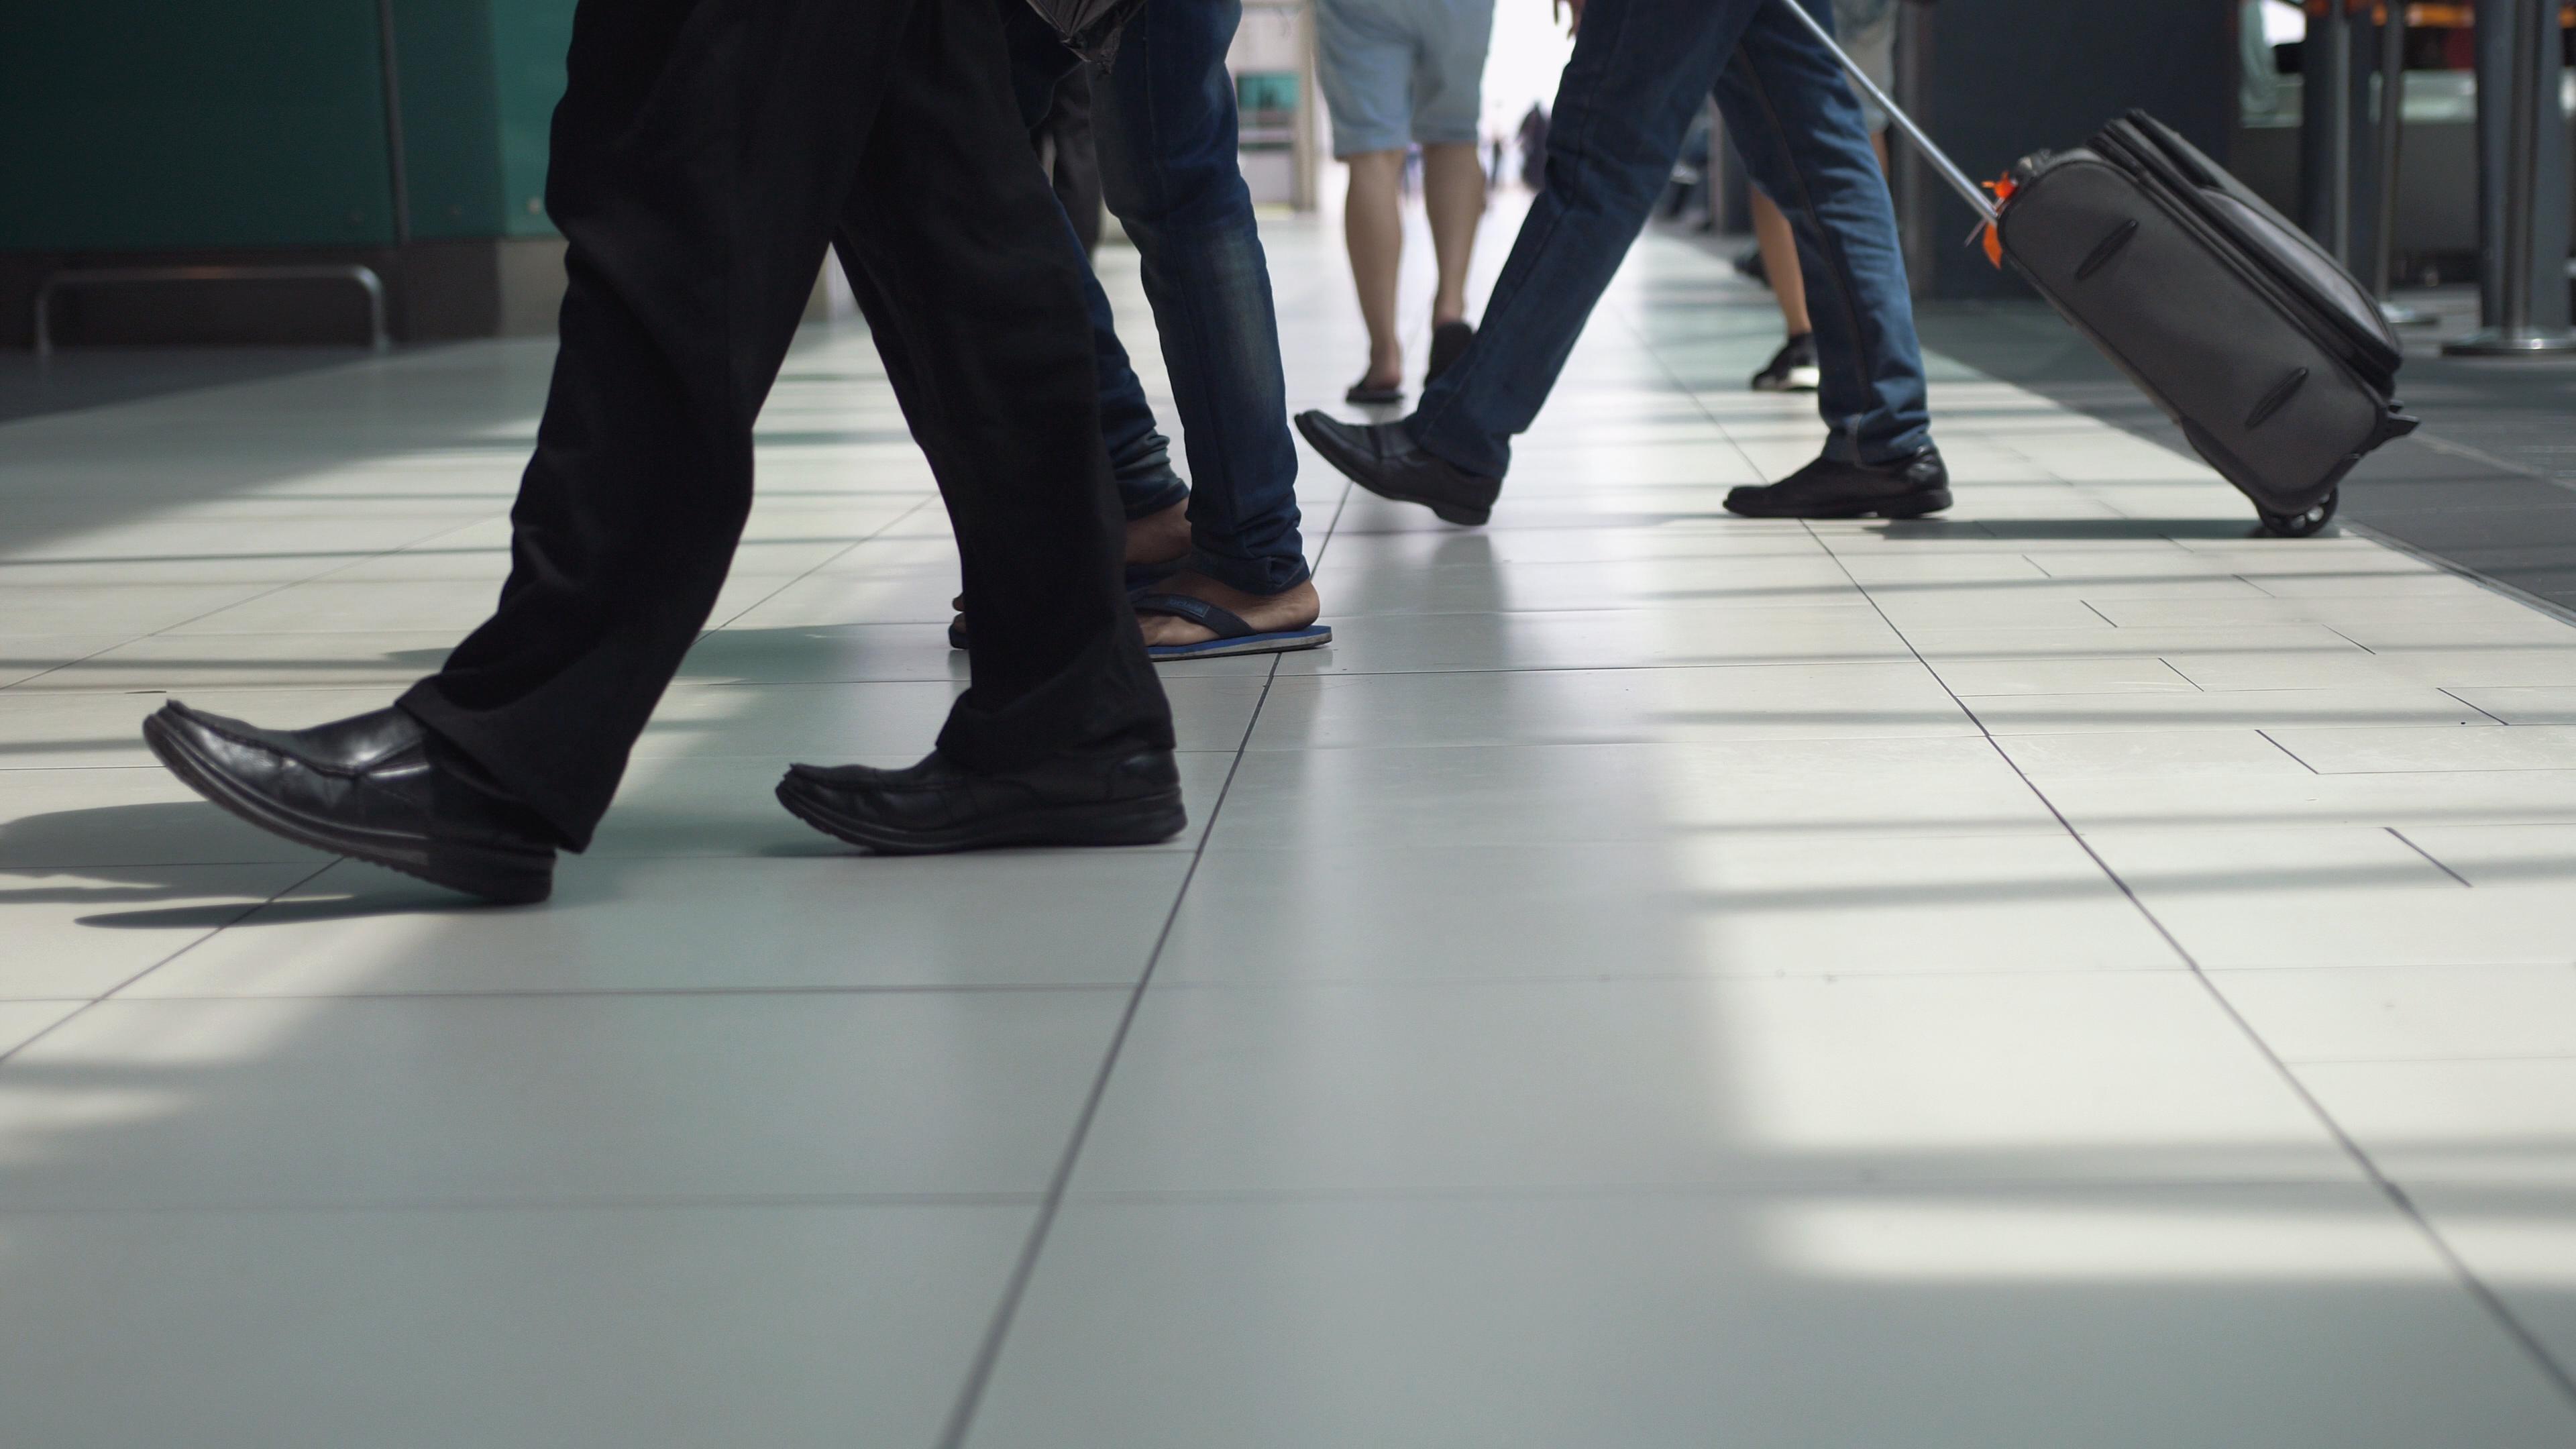 travelers walking